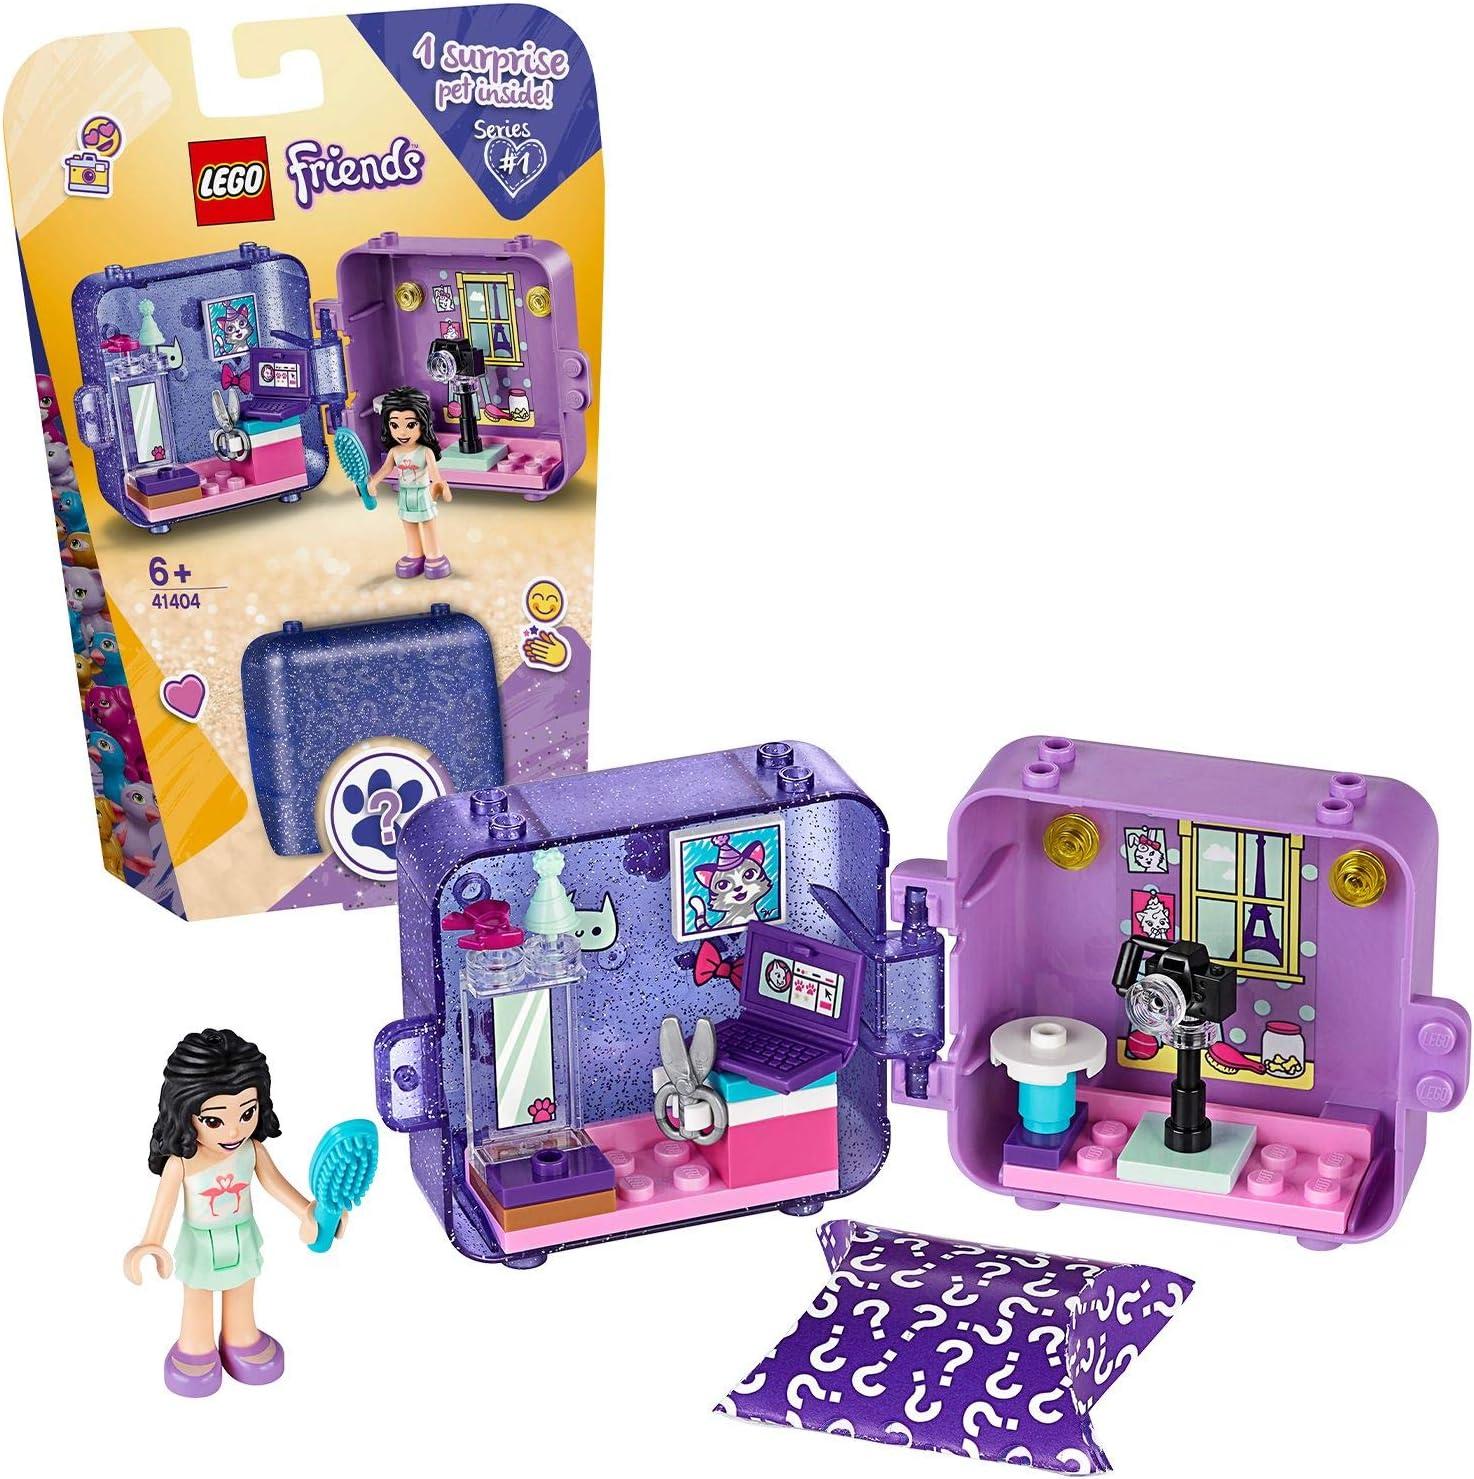 LEGO Friends - Cubo de Juegos de Emma, Caja de Juguete con Accesorios y Mini Muñeca de Emma, Set Recomendado a Partir de 6 Años (41404) , color/modelo surtido: Amazon.es: Juguetes y juegos